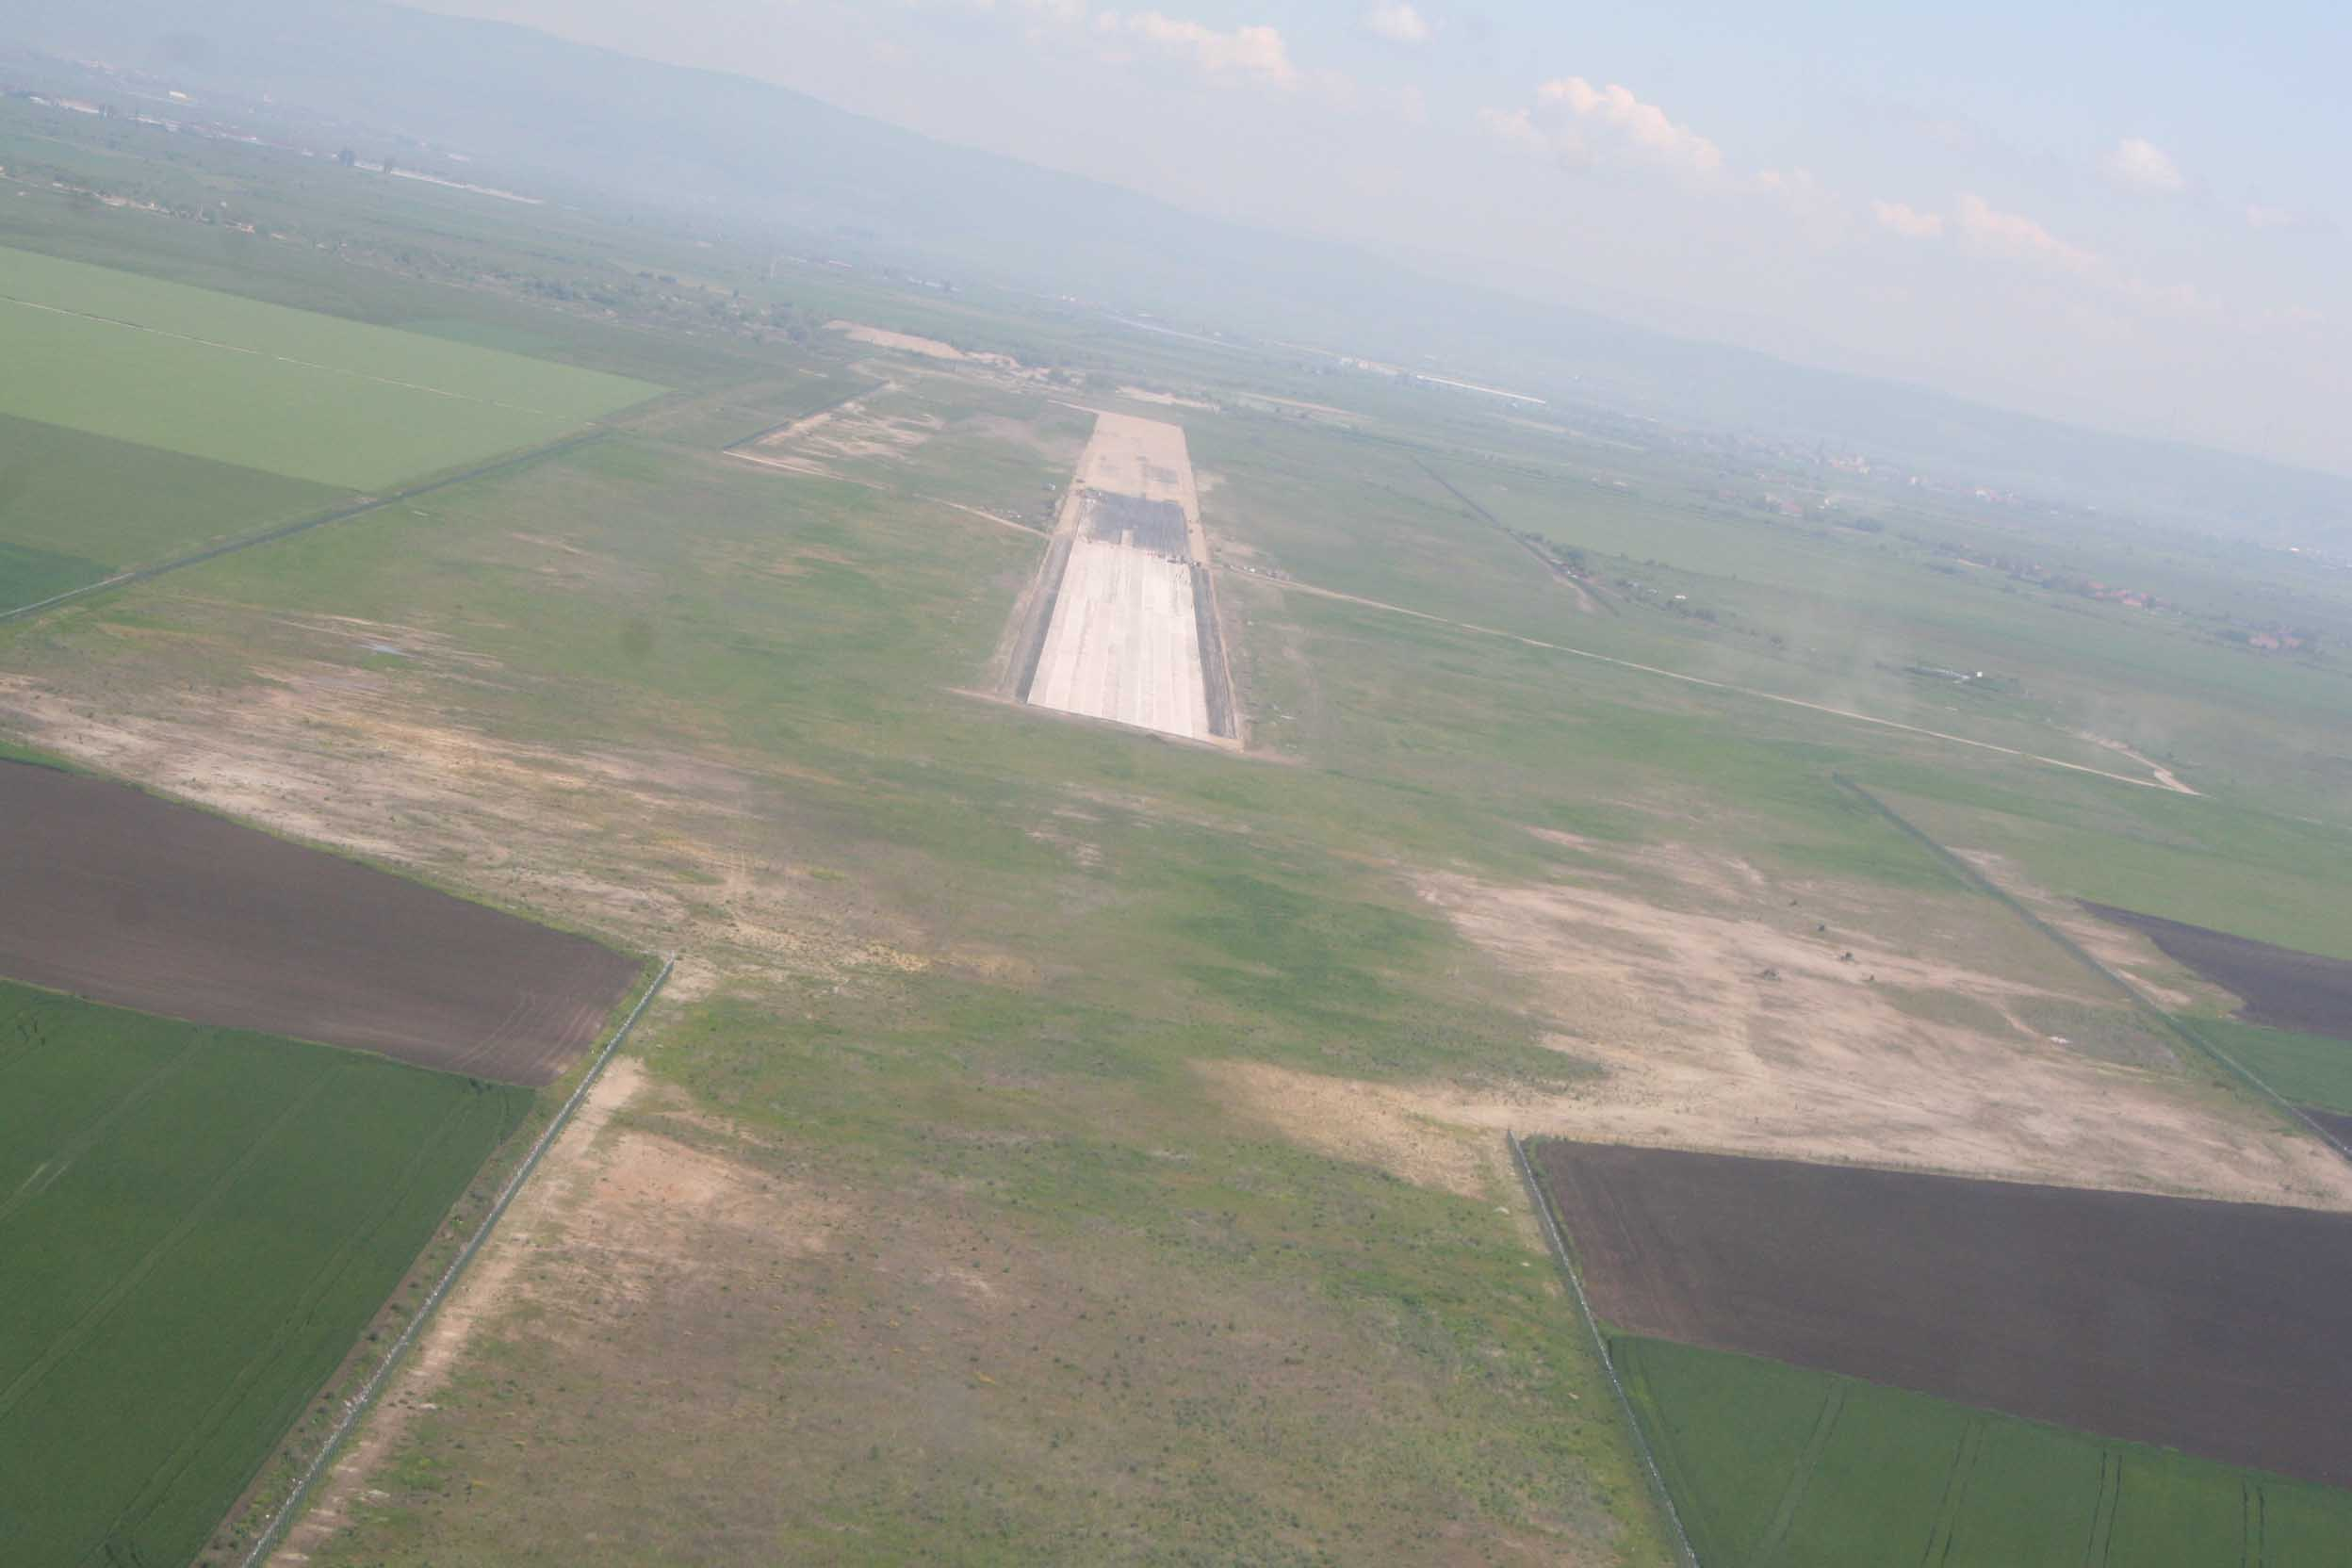 O nouă problemă în calea continuării lucrărilor la aeroport: CJ Brașov și-a pierdut dreptul de administrare asupra celor 200 de ha primite de la Guvern